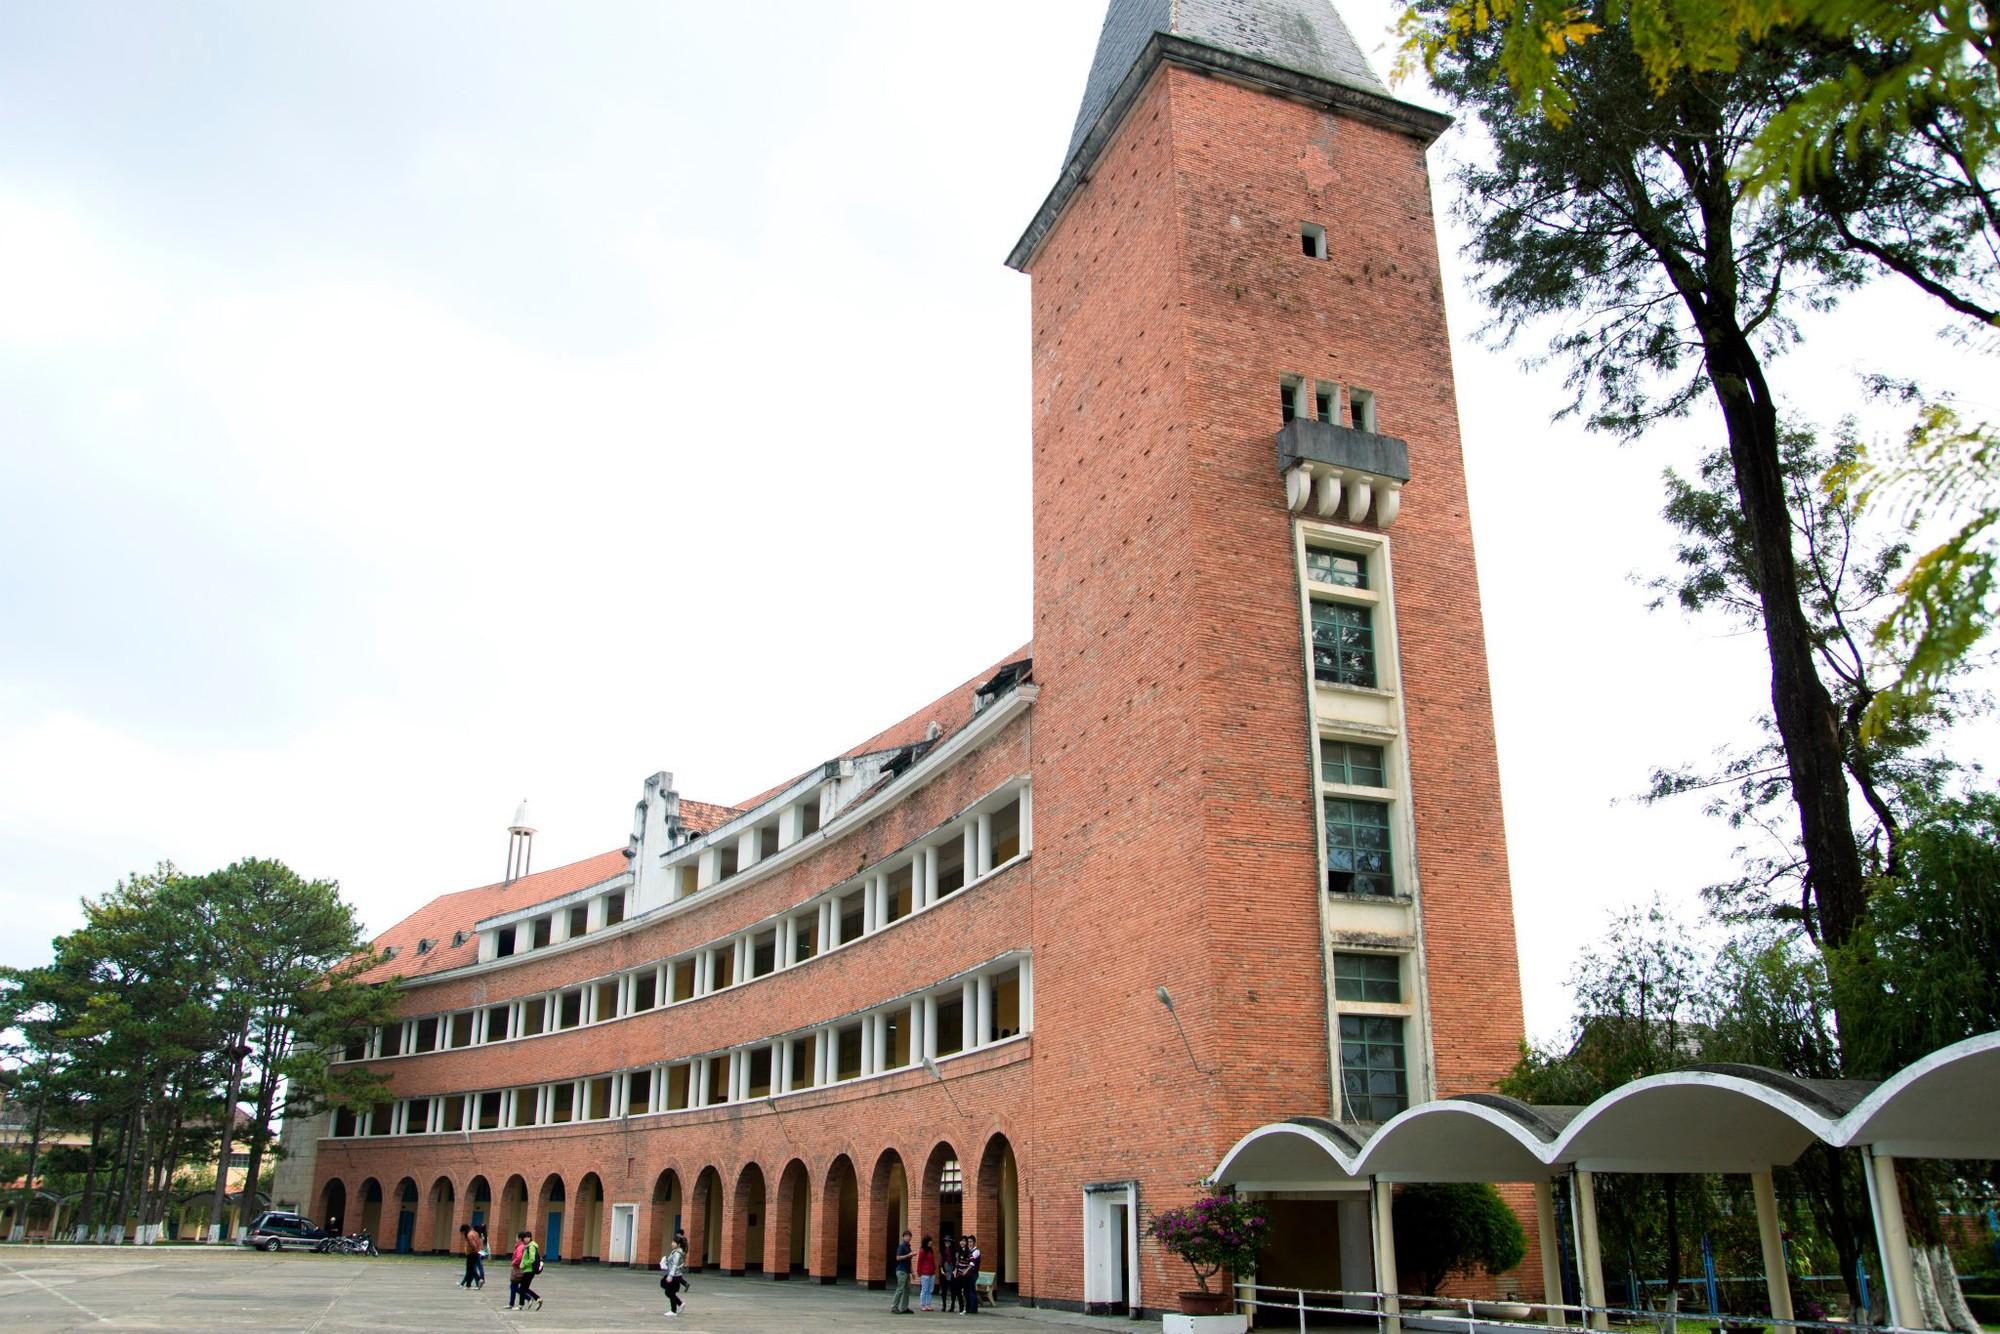 Đây chính là ngôi trường nằm trên đồi đẹp nhất Đà Lạt, được dân tình checkin nườm nượp - Ảnh 4.